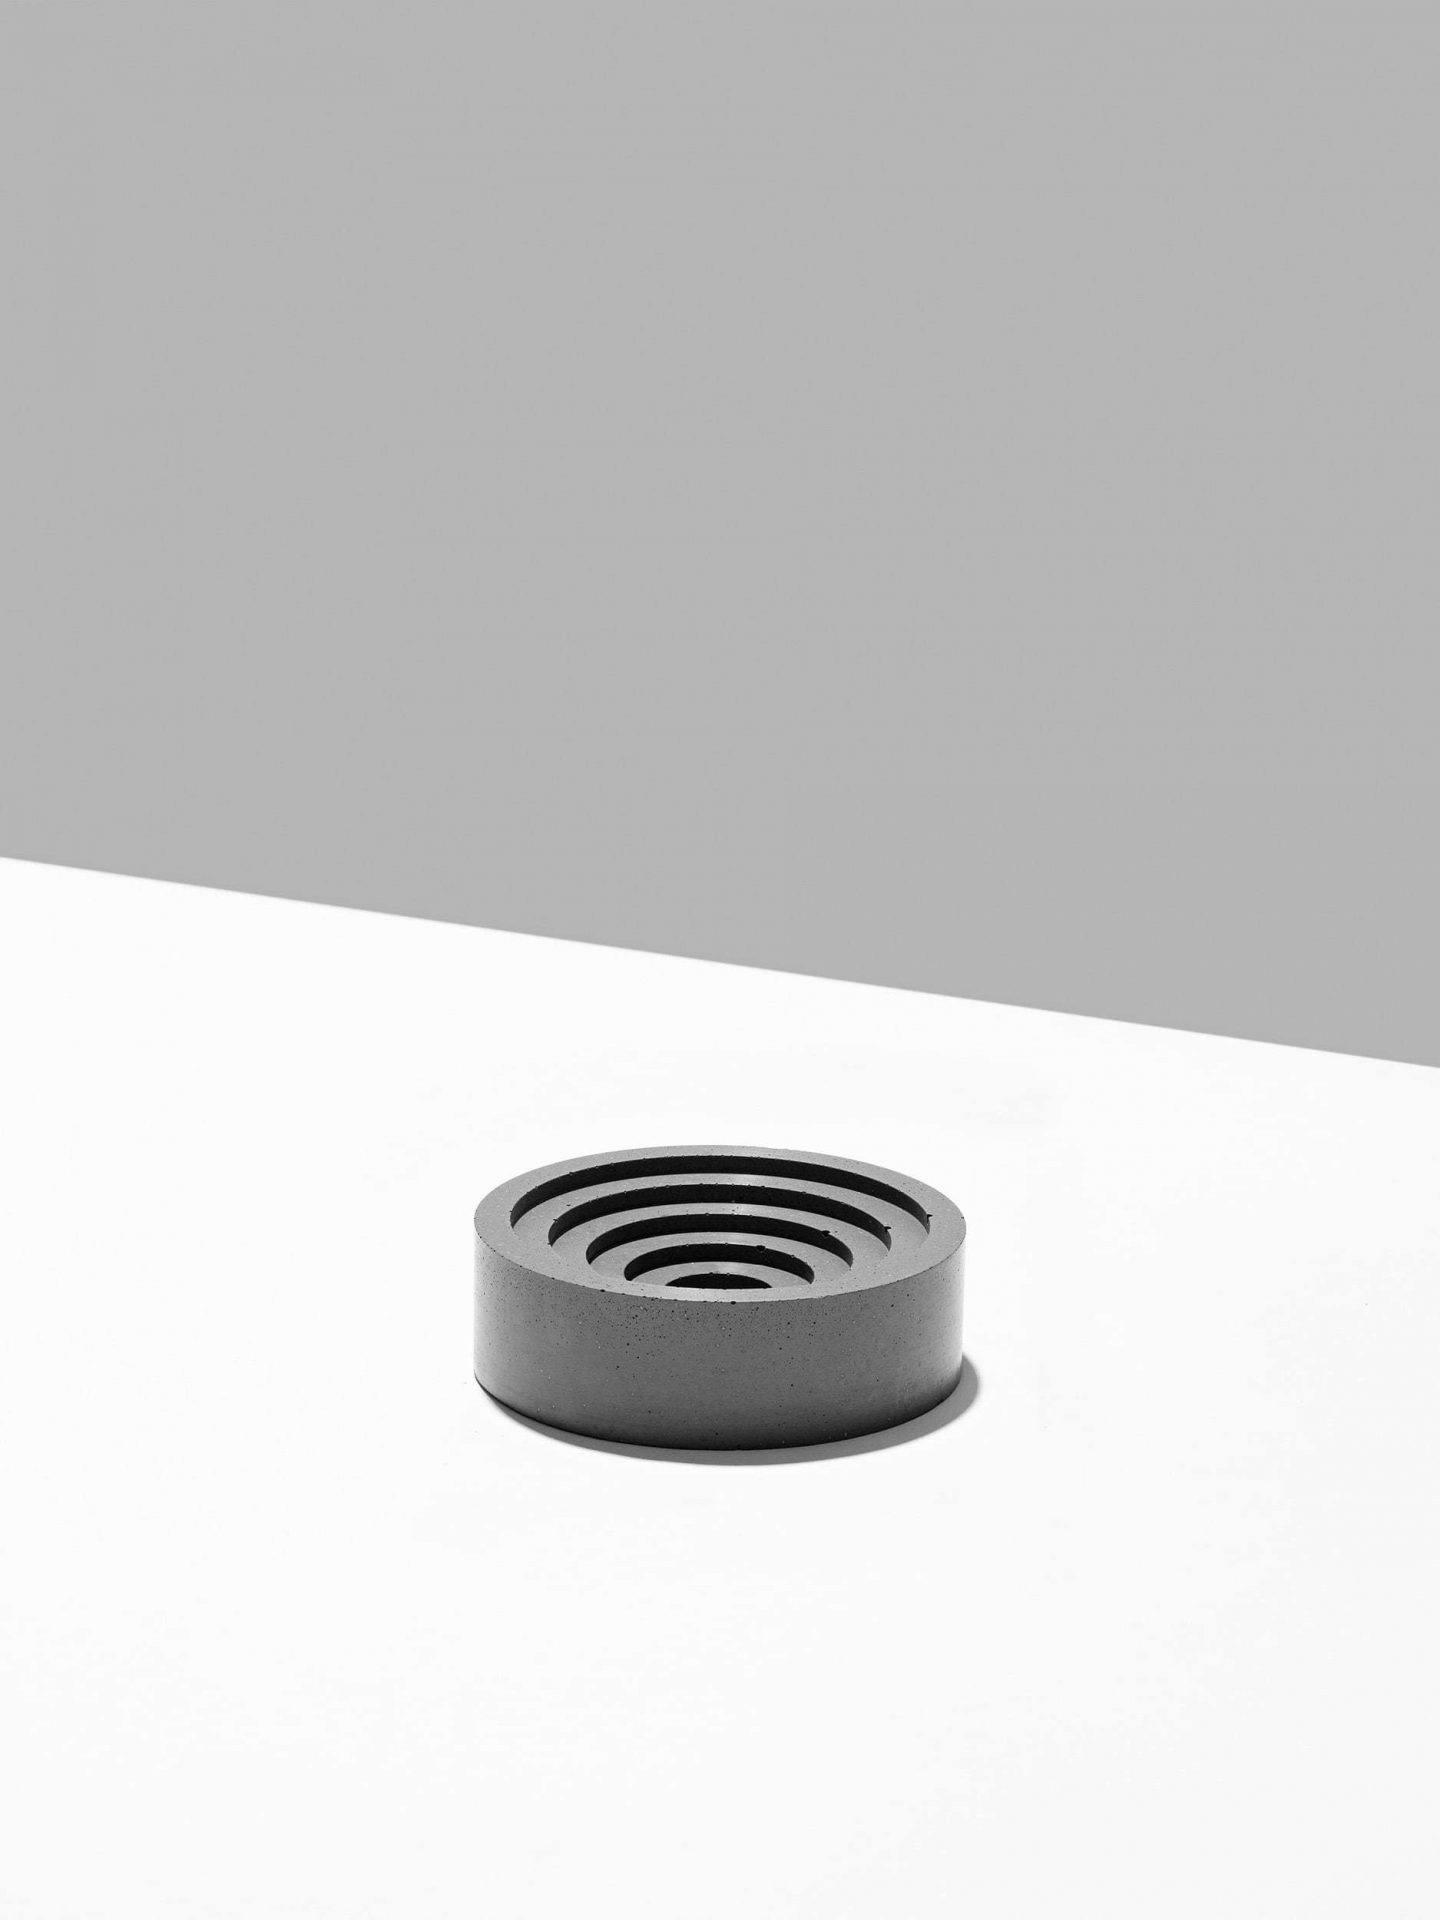 IGNANT-Design-Klemens-Schillinger-Landmarks-004